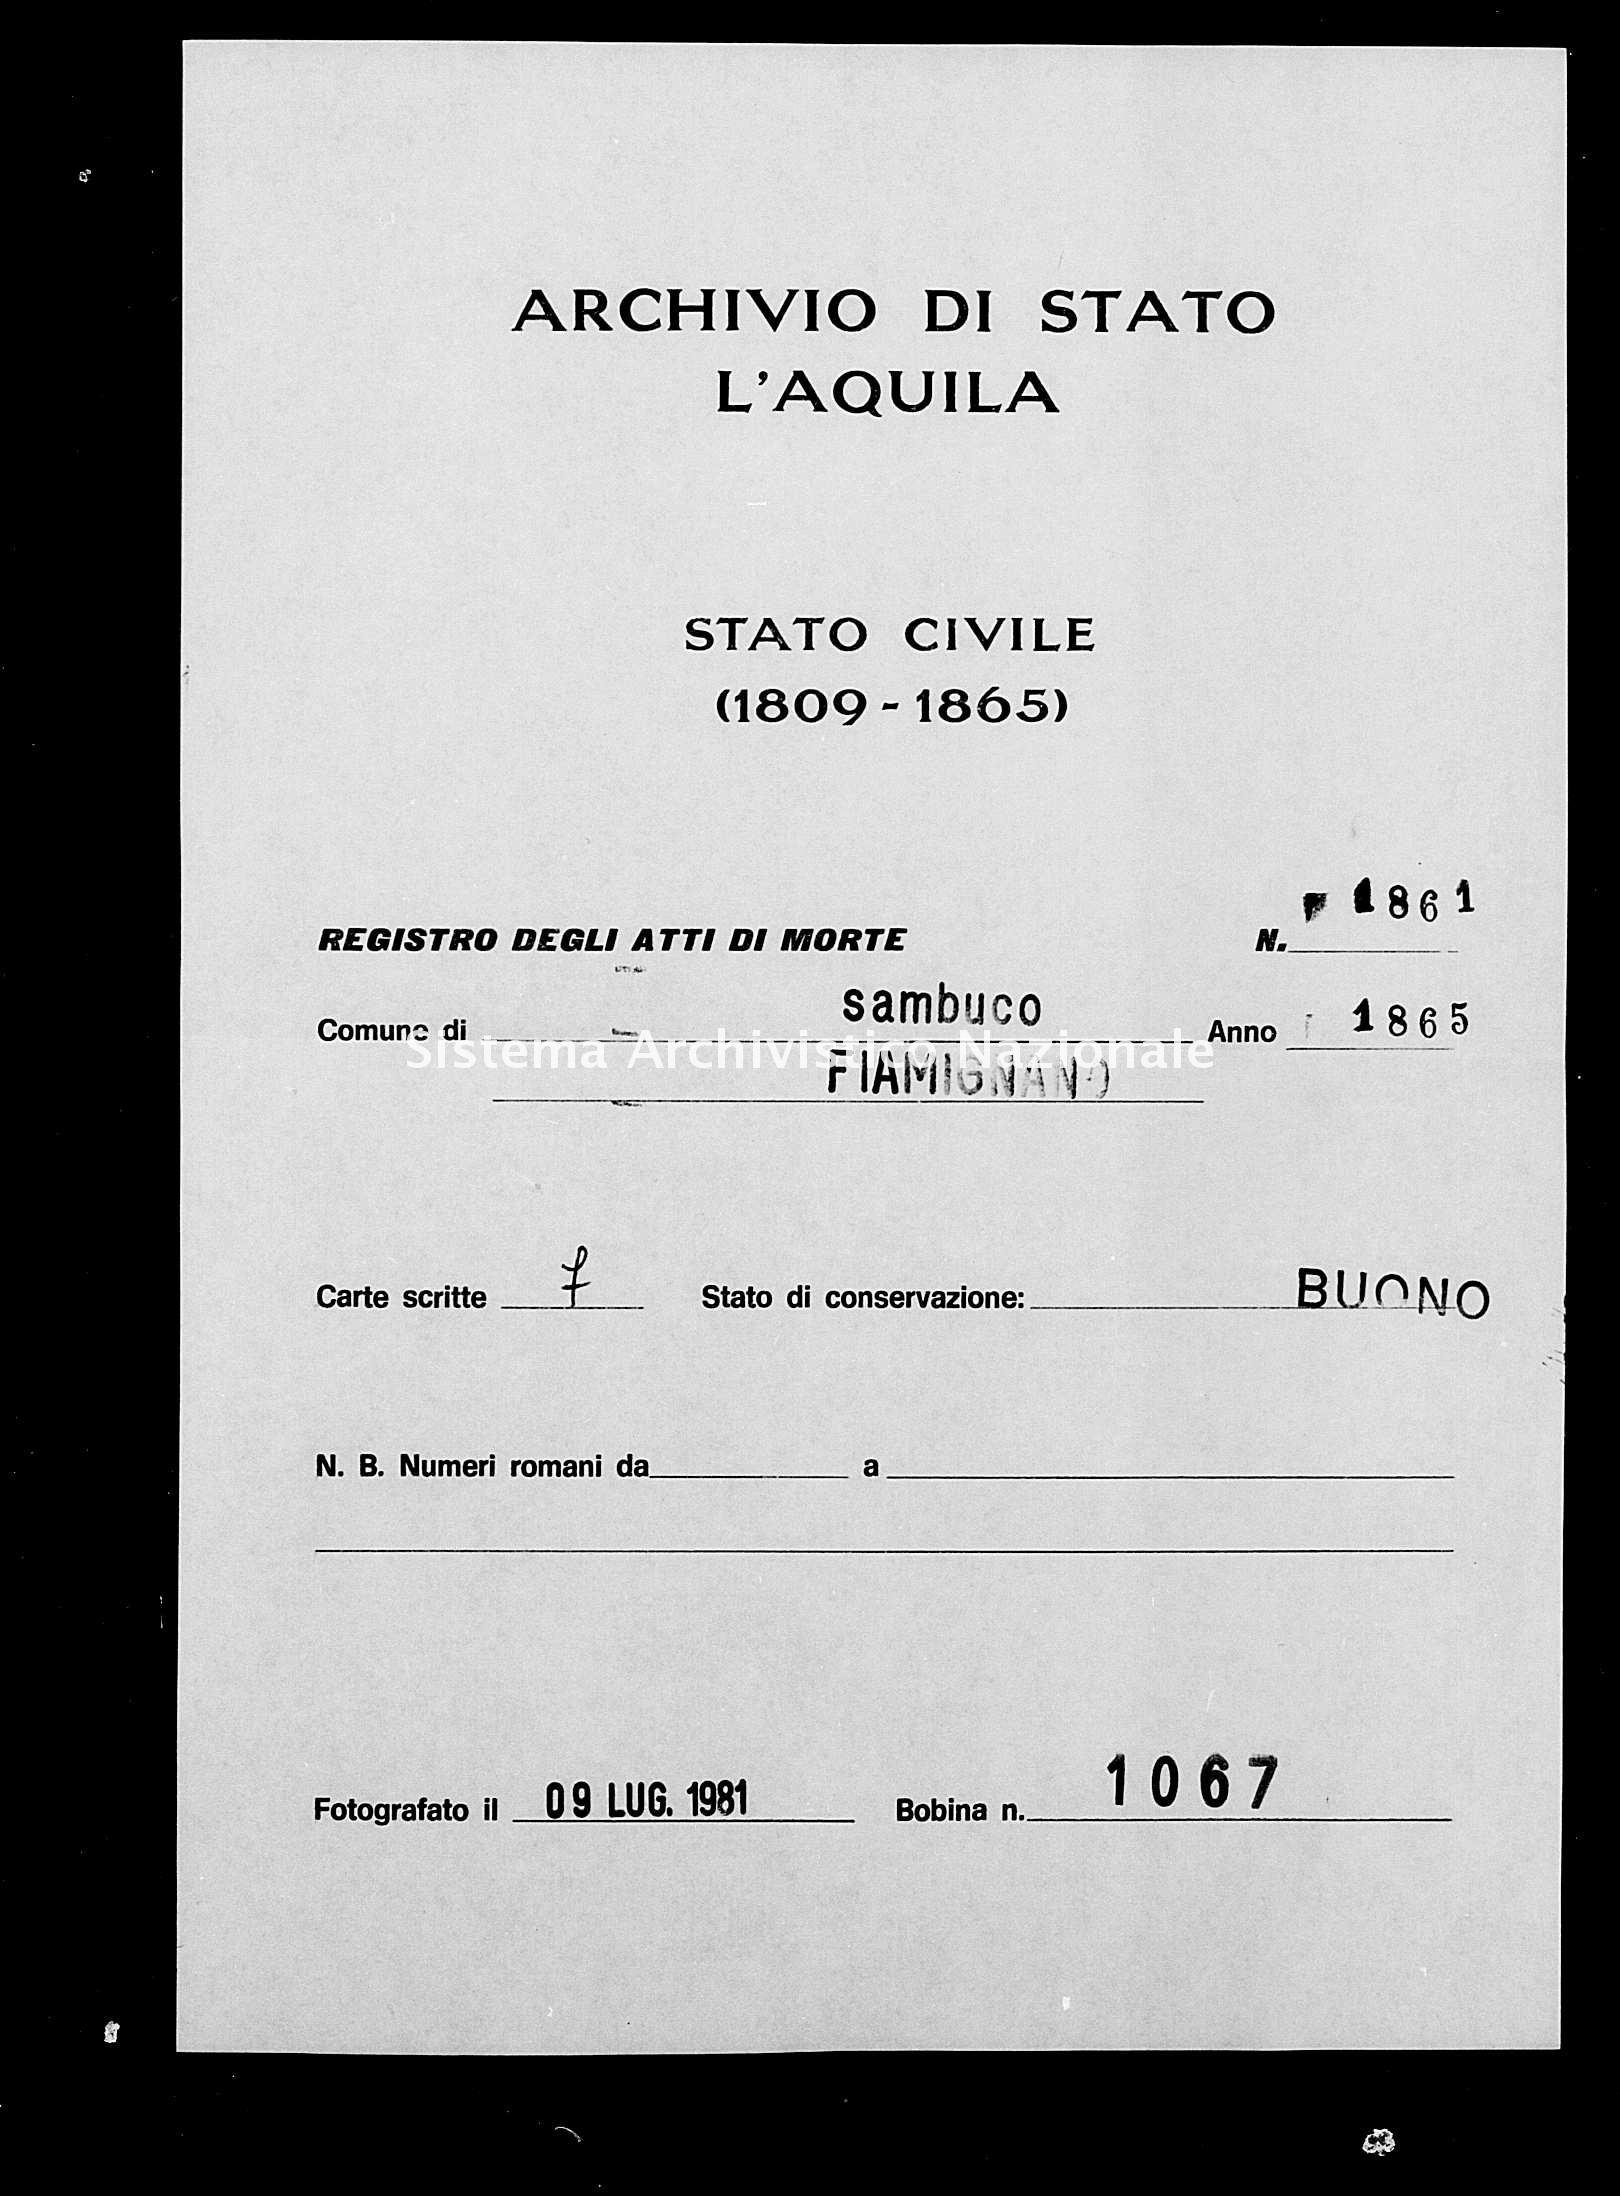 Archivio di stato di L'aquila - Stato civile italiano - Sambuco - Morti - 1865 - 1861 -